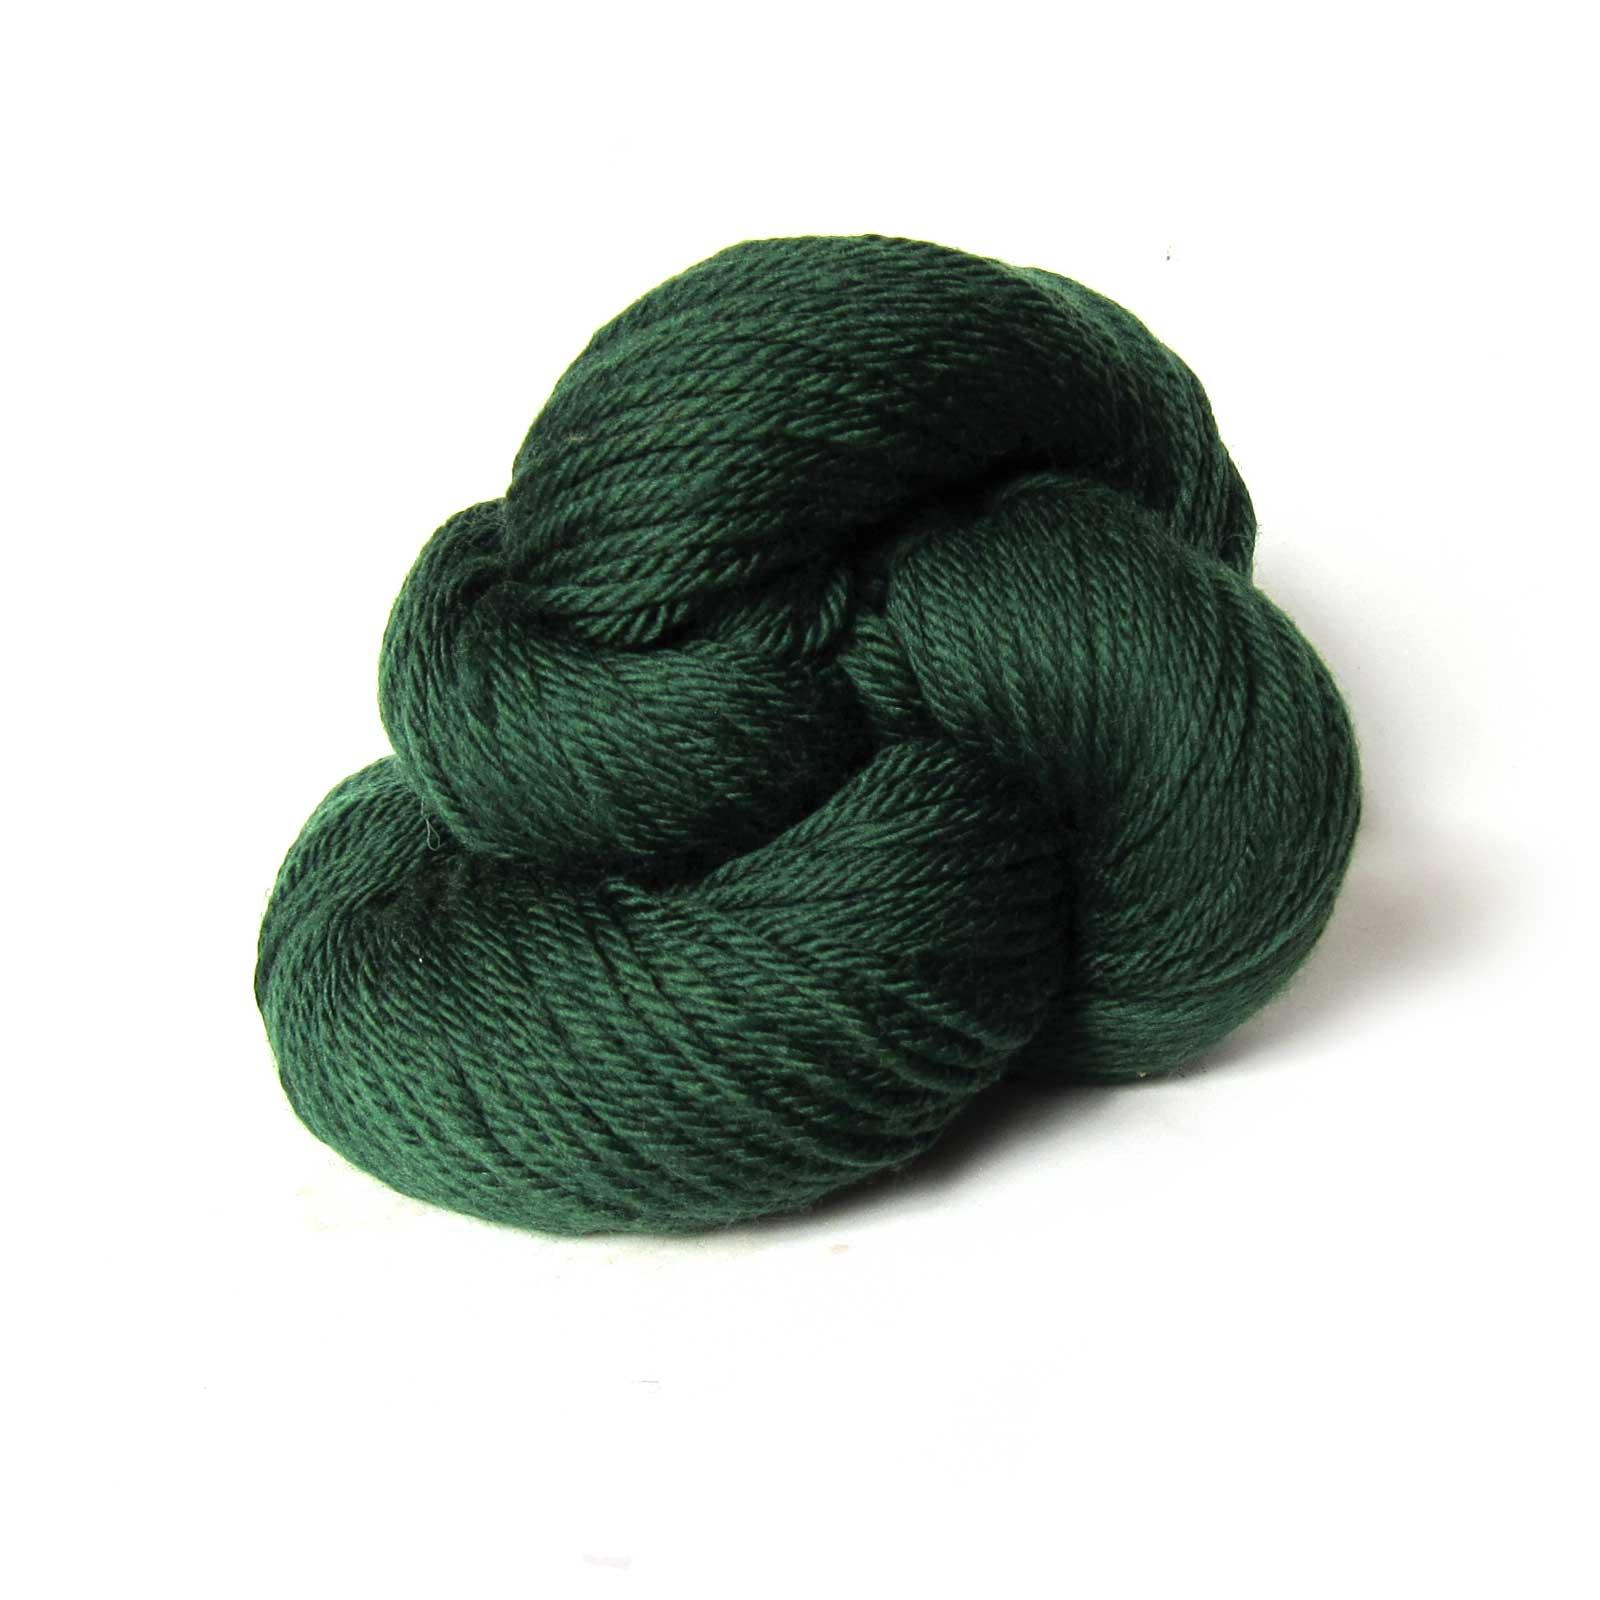 100% Superwash Merino: Gems is your perfect sweater yarn!